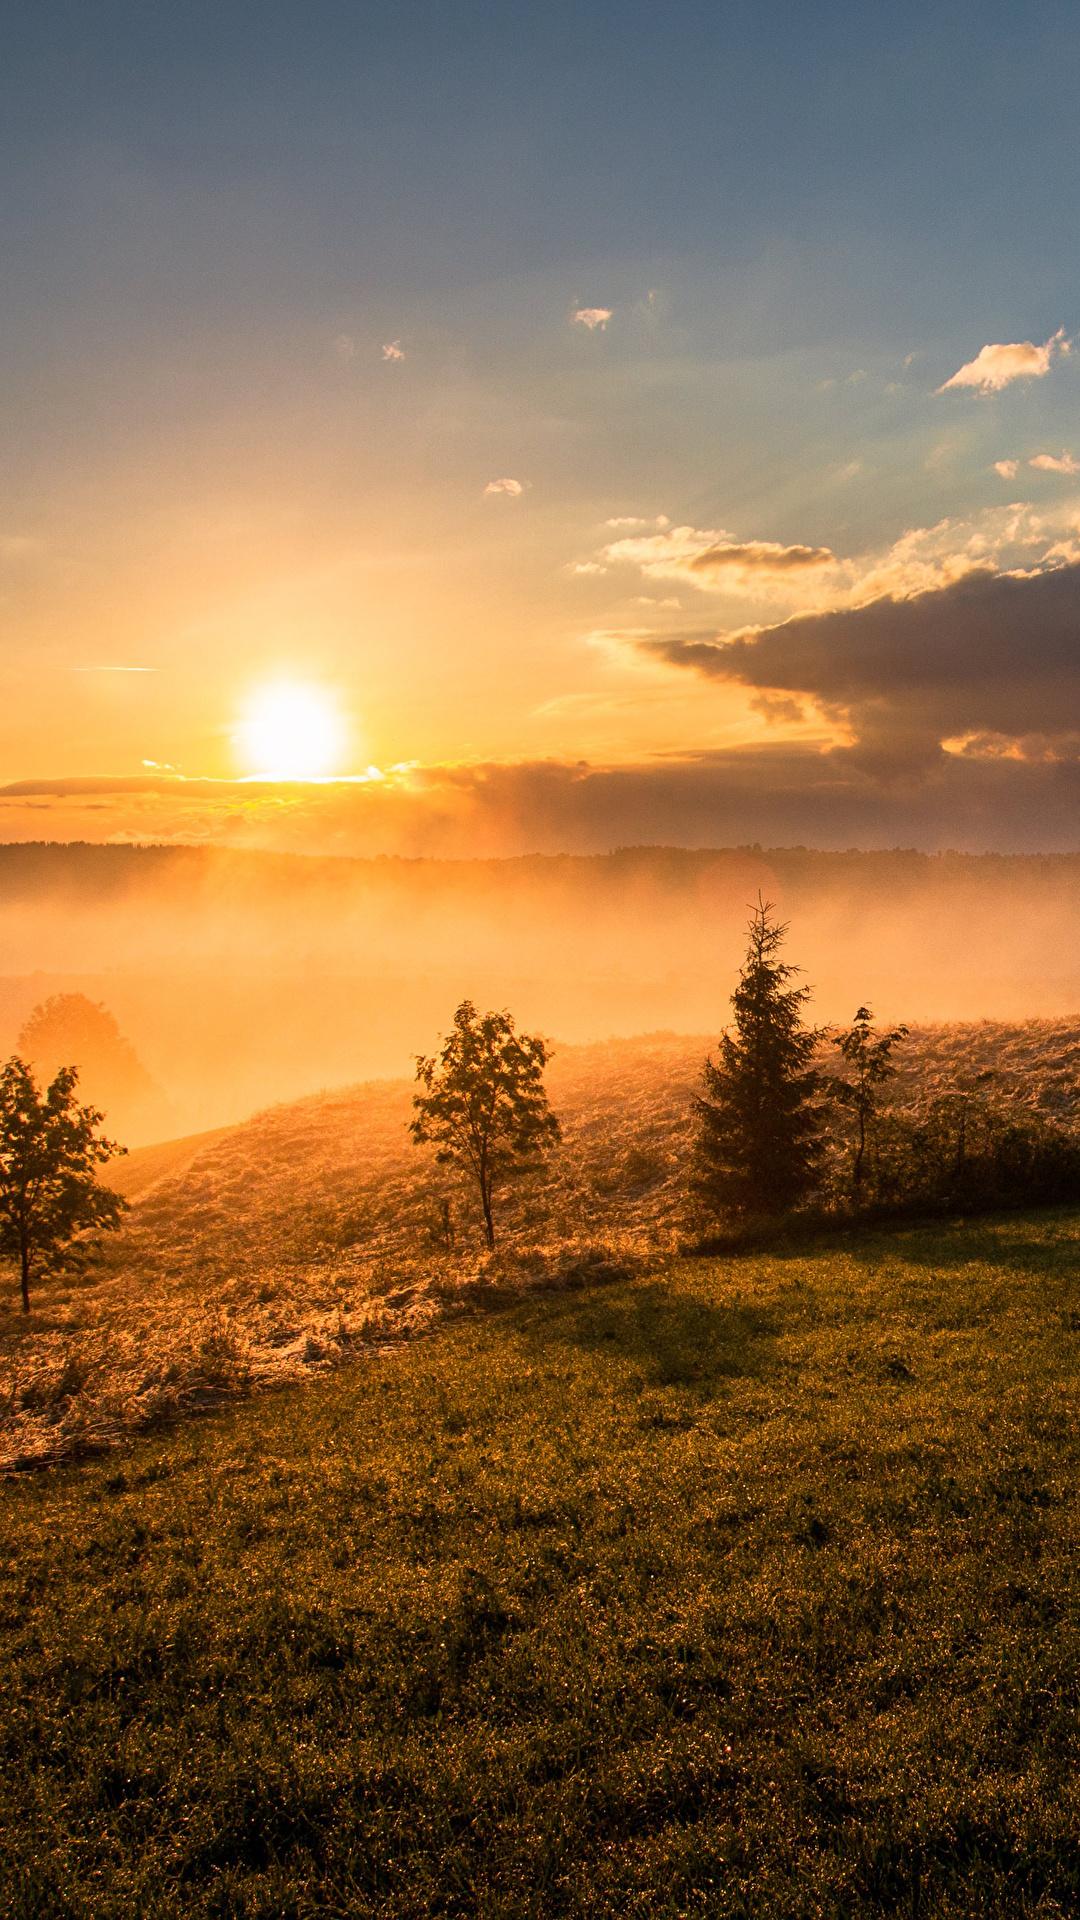 Fotos Natur Sonne Himmel Landschaftsfotografie Sonnenaufgänge und Sonnenuntergänge Gras Wolke 1080x1920